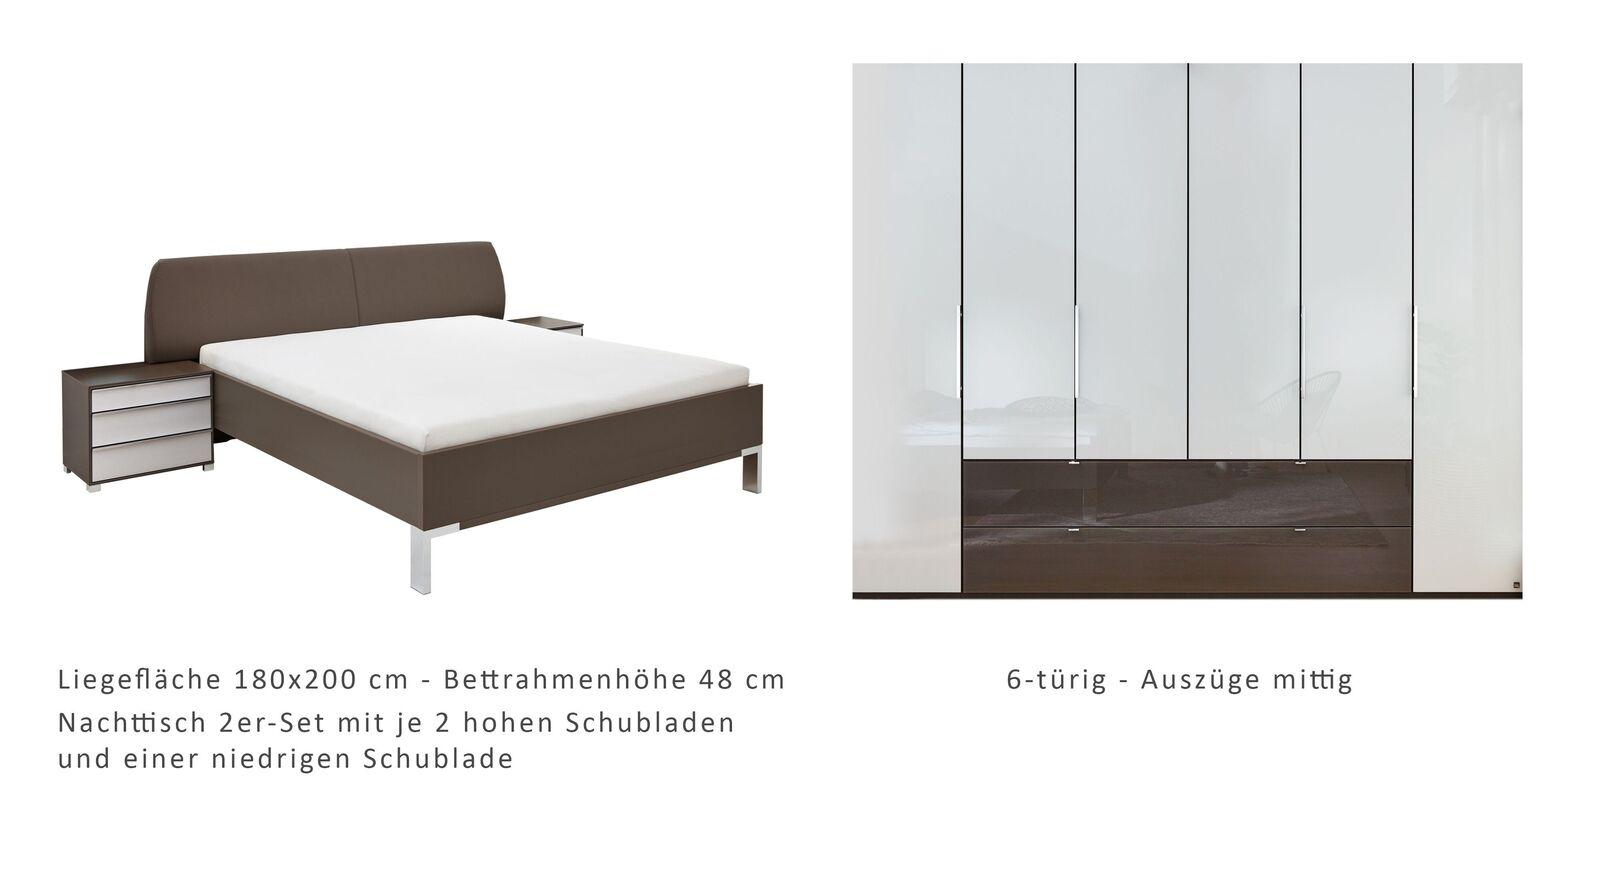 INTERLIVING Schlaftimmer 1006 Variante 04